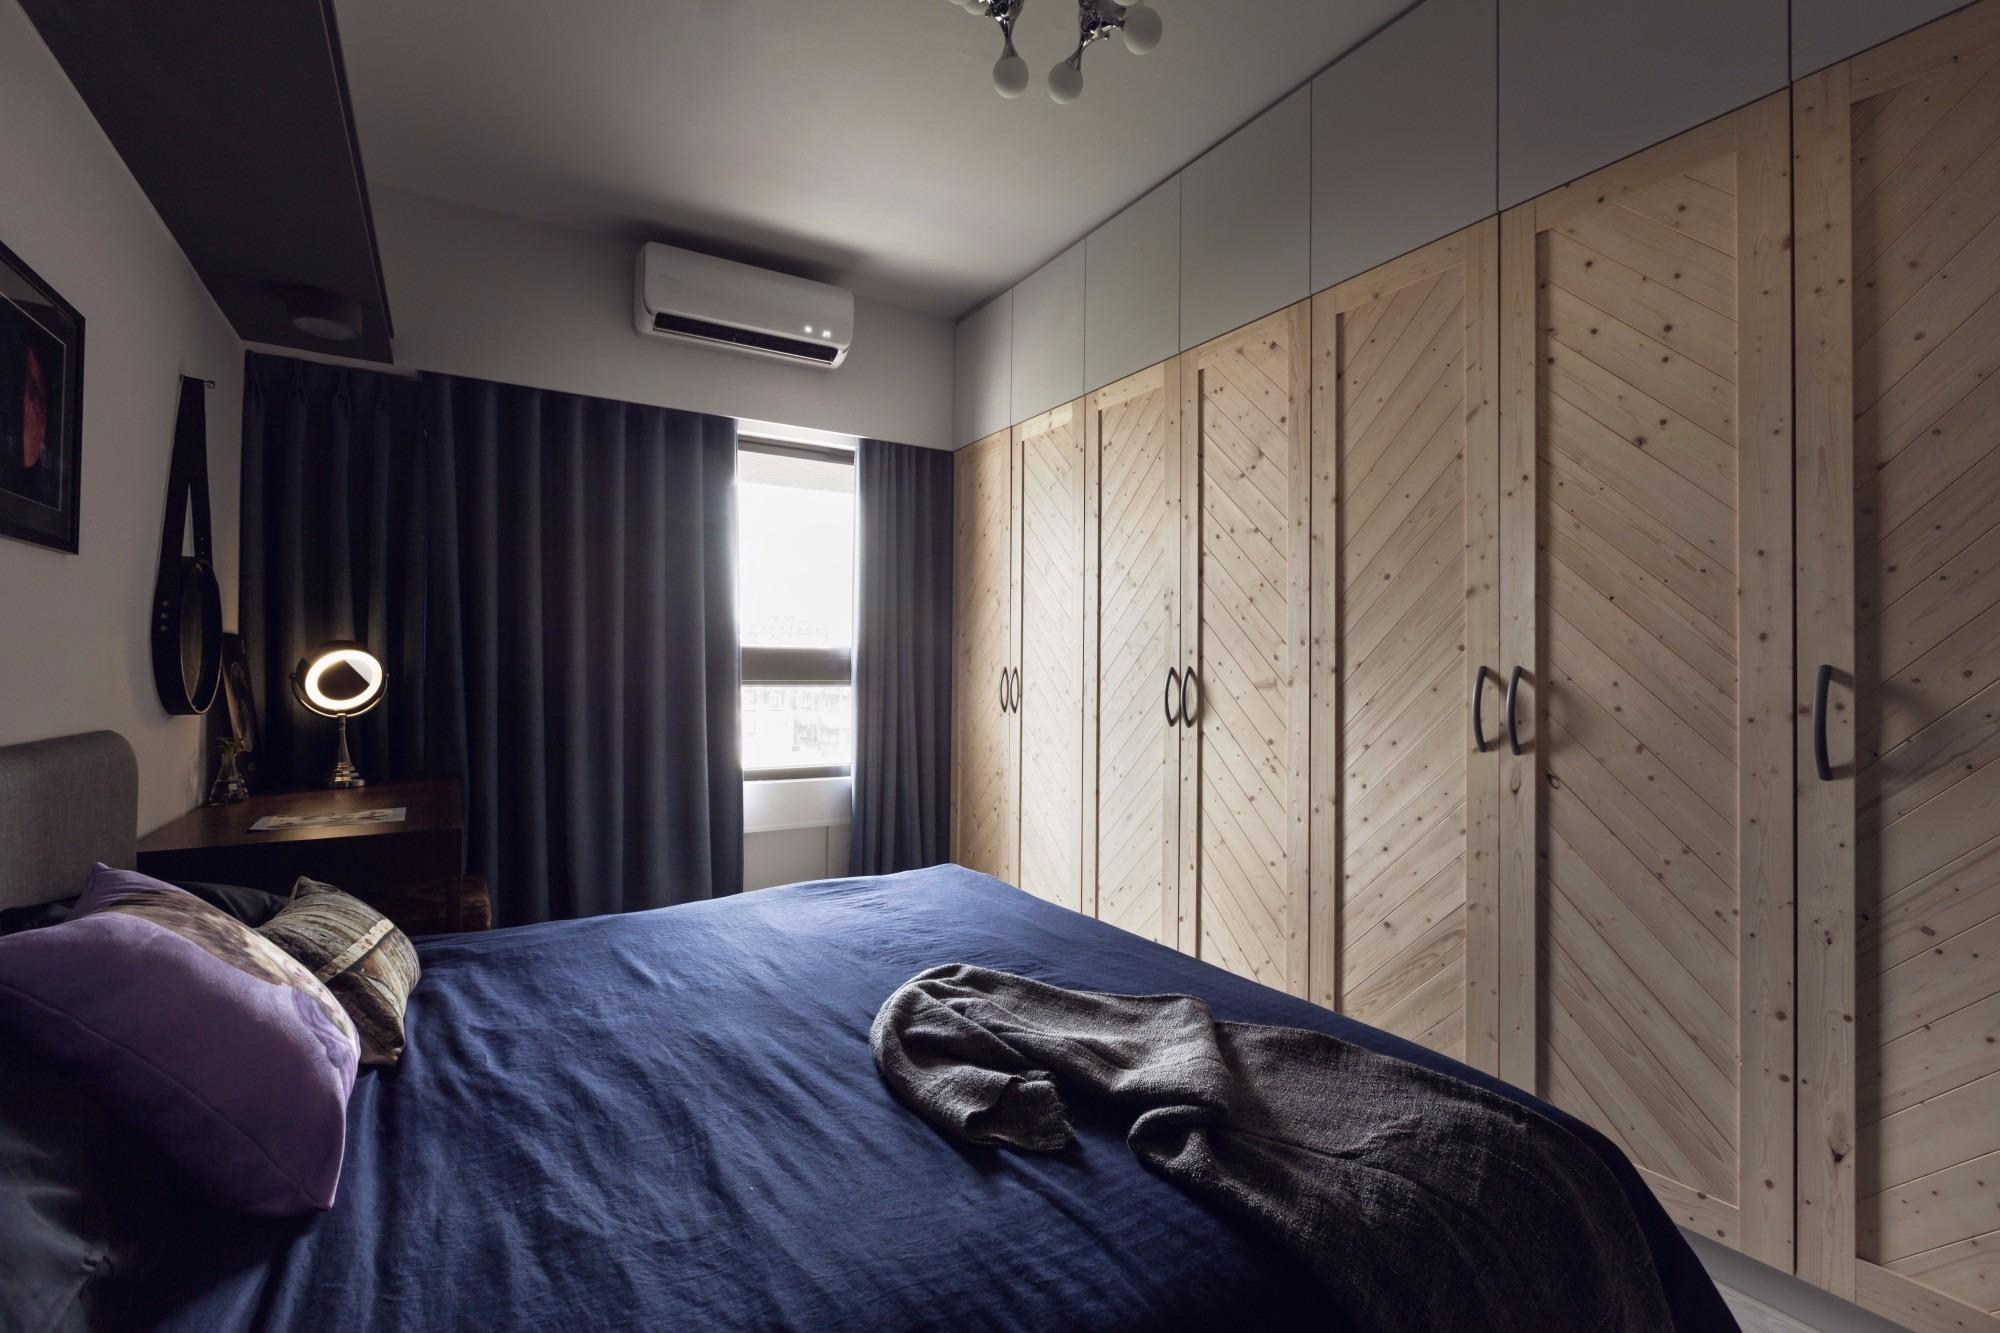 92㎡工业风格公寓卧室衣柜装修效果图